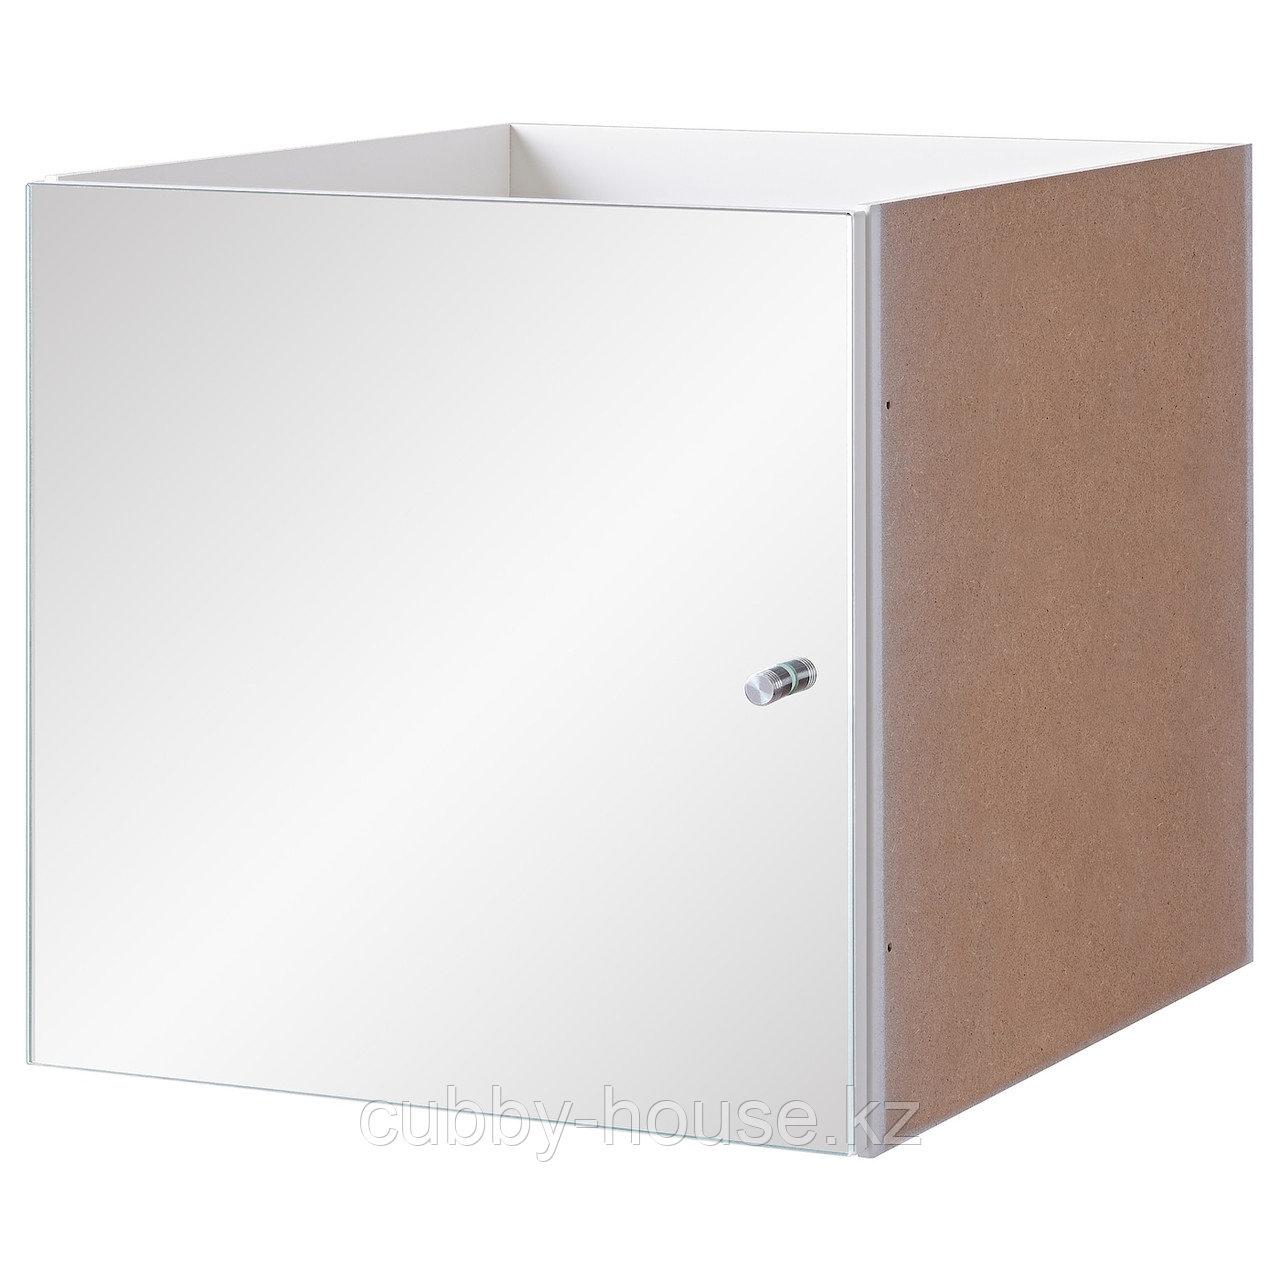 КАЛЛАКС Вставка с зеркальной дверцей, 33x33 см